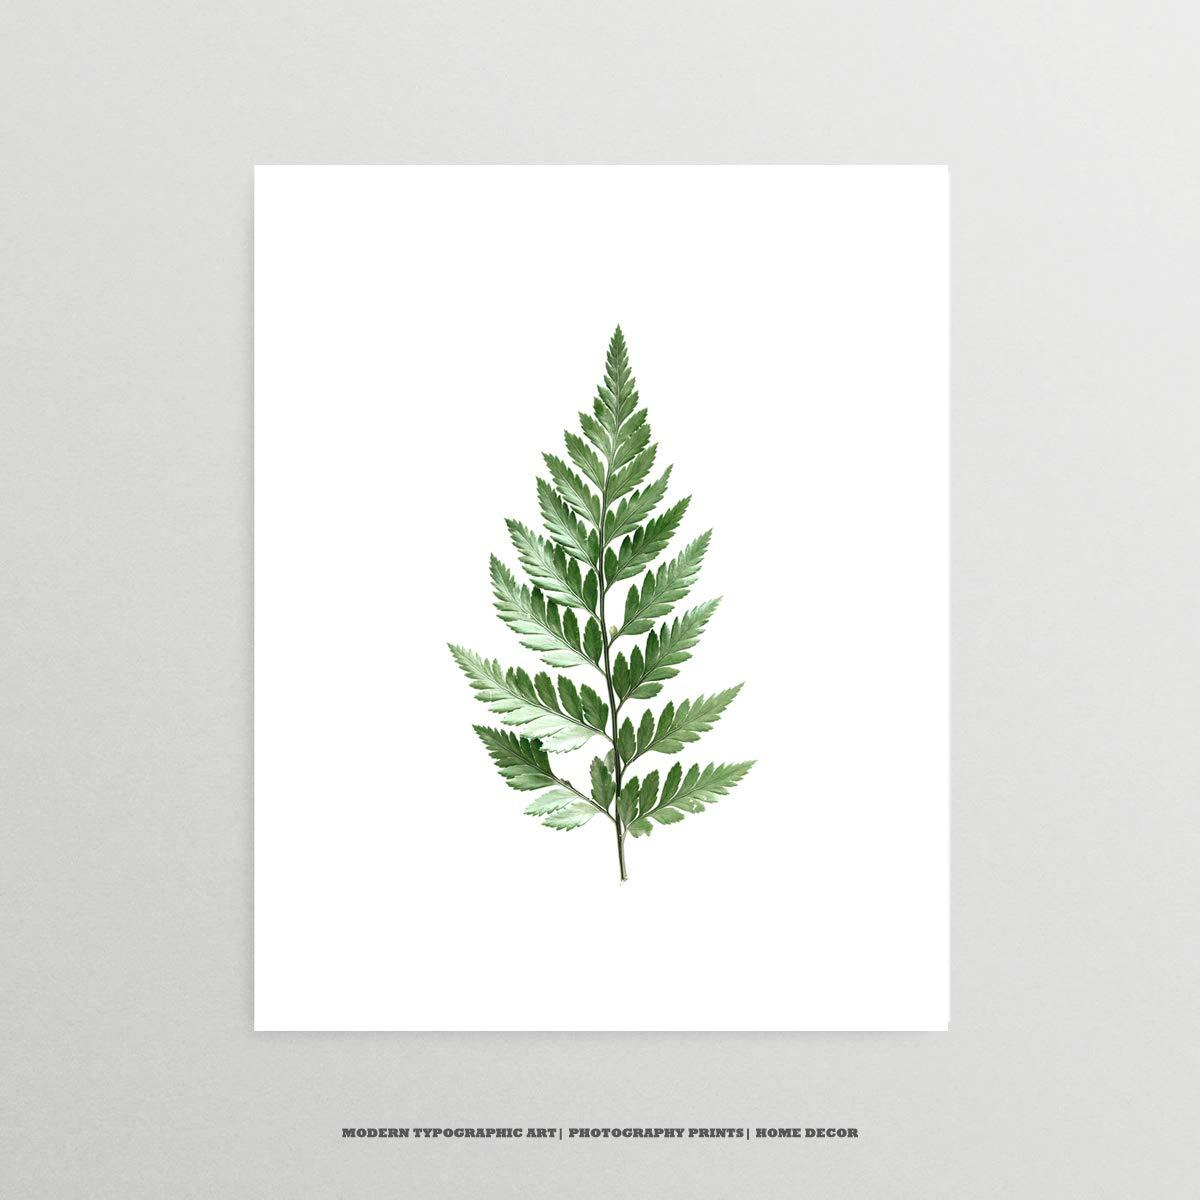 Leatherleaf Fern Print 1 Fern Plant Botanical Fern Leaf Mid-Century Modern Home Decor Forest Theme Decor Accesories Decor Wall Art